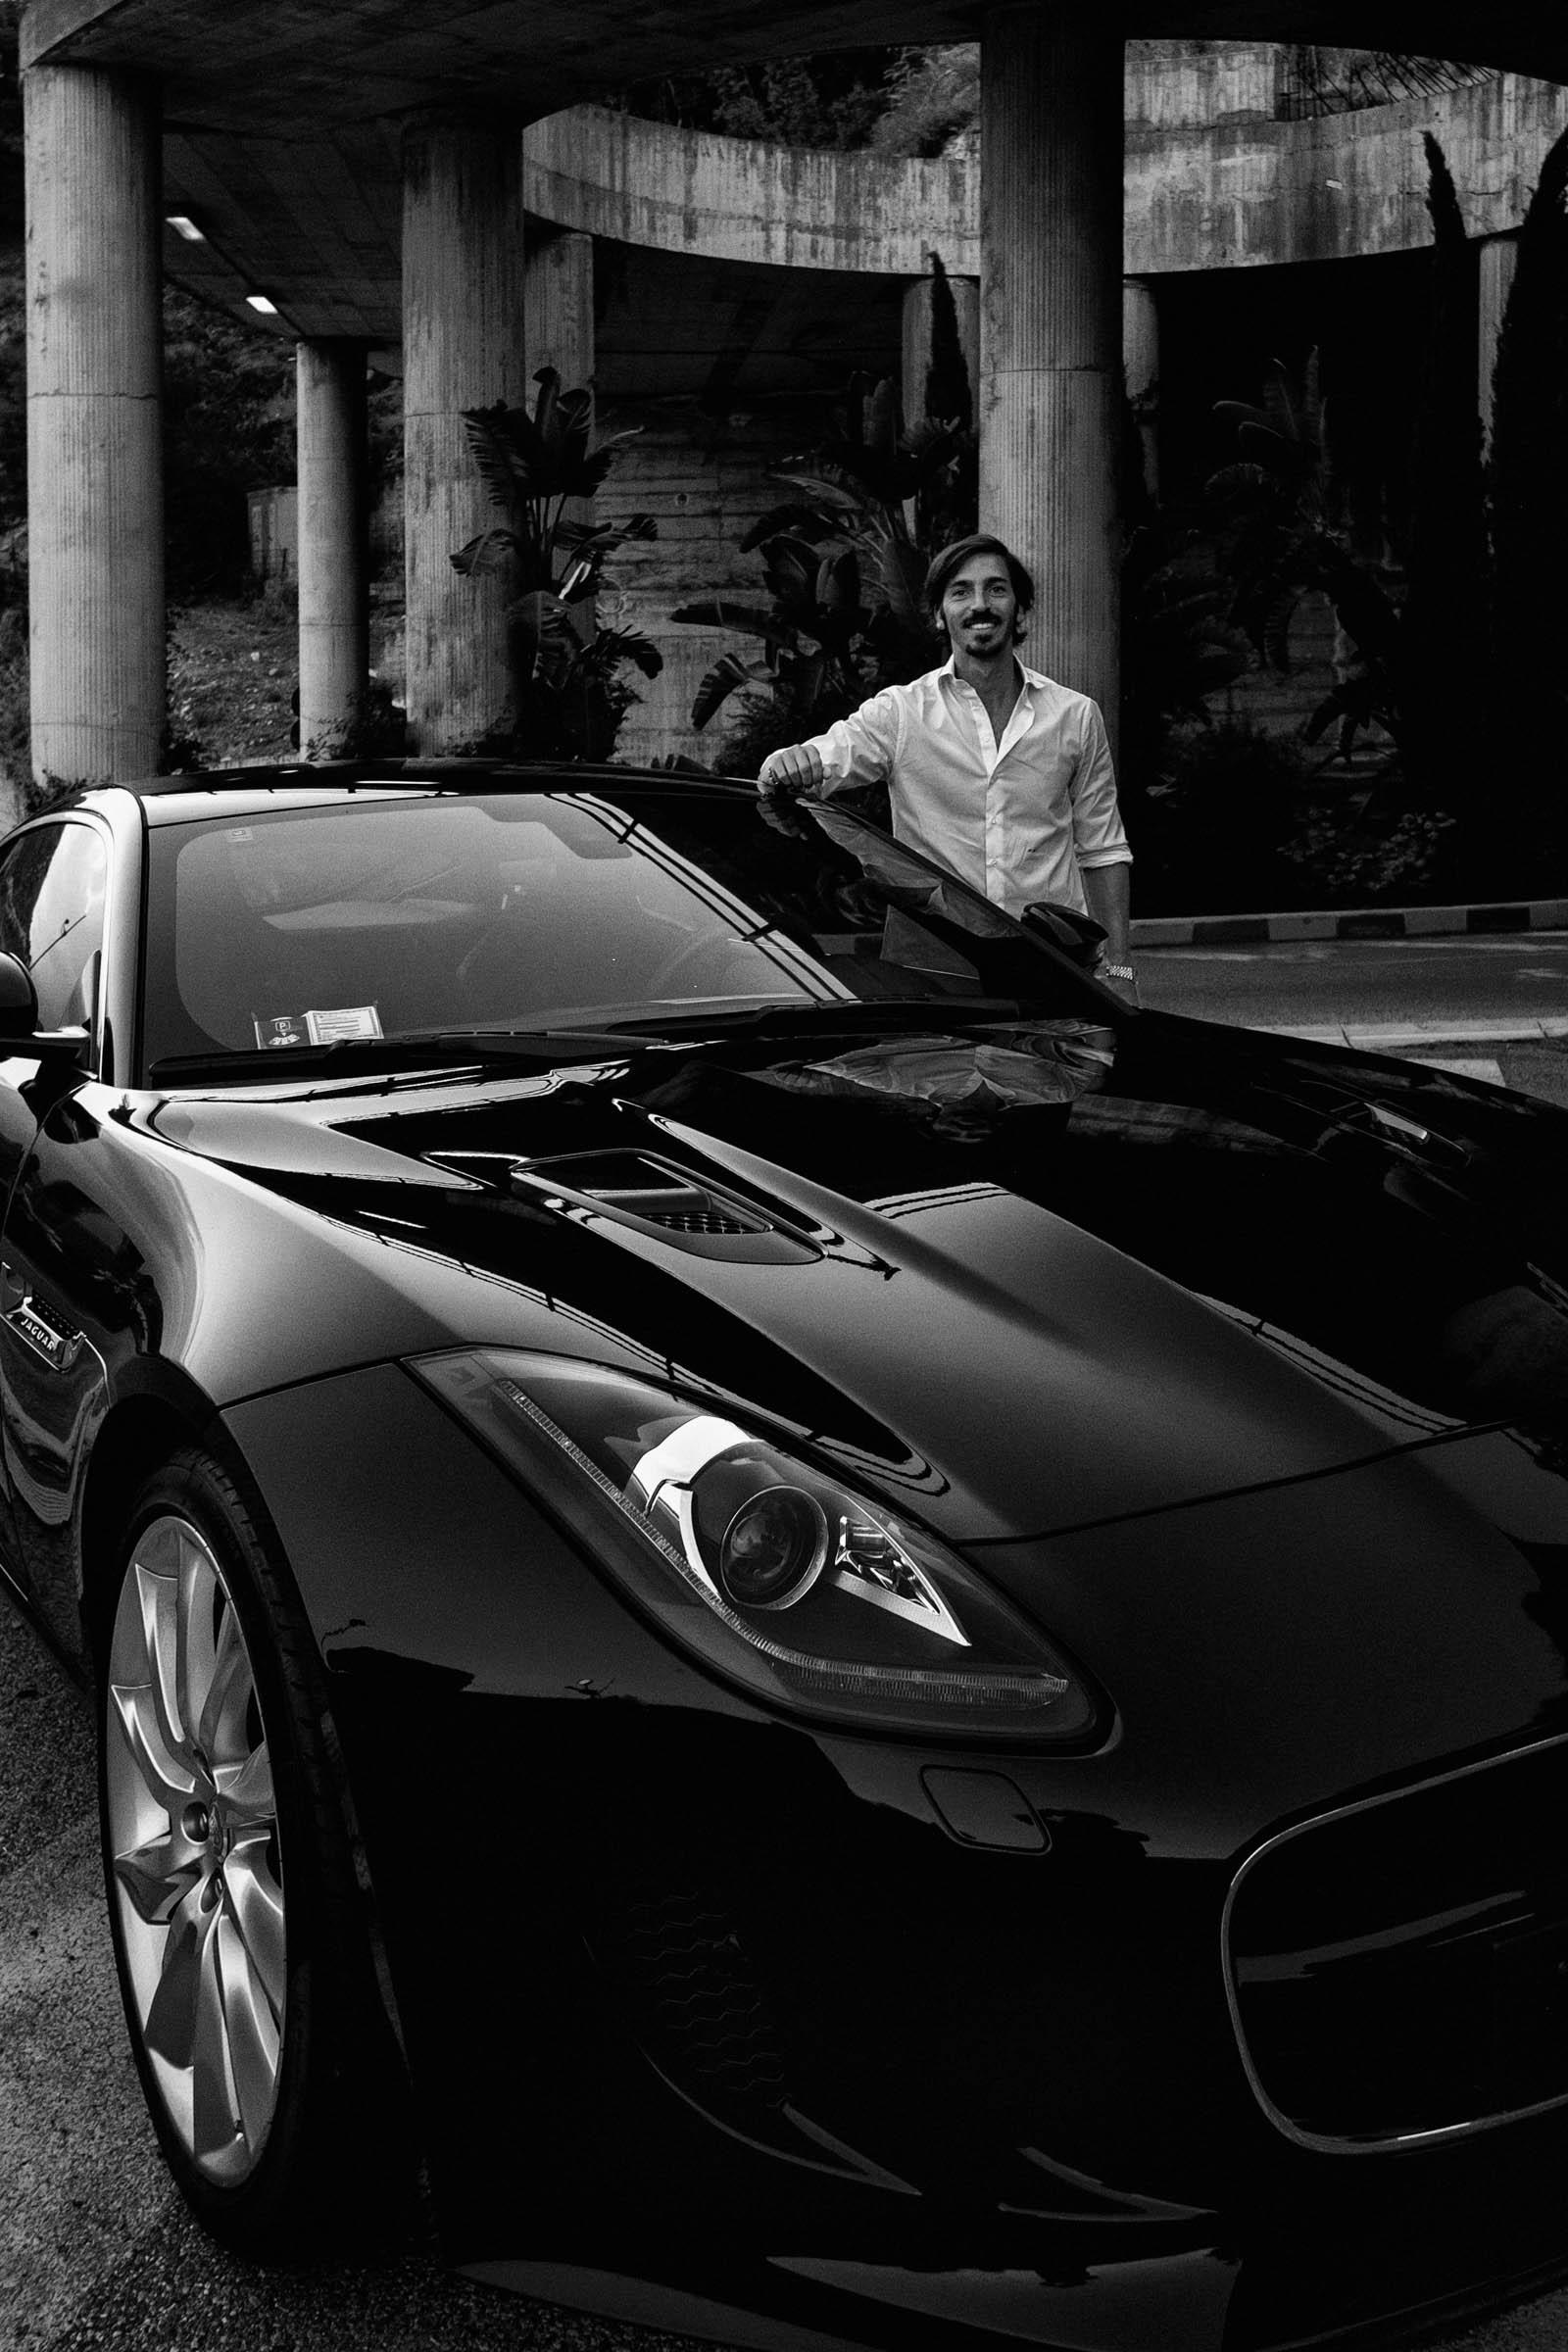 Taromina. A guy and his Jaguar